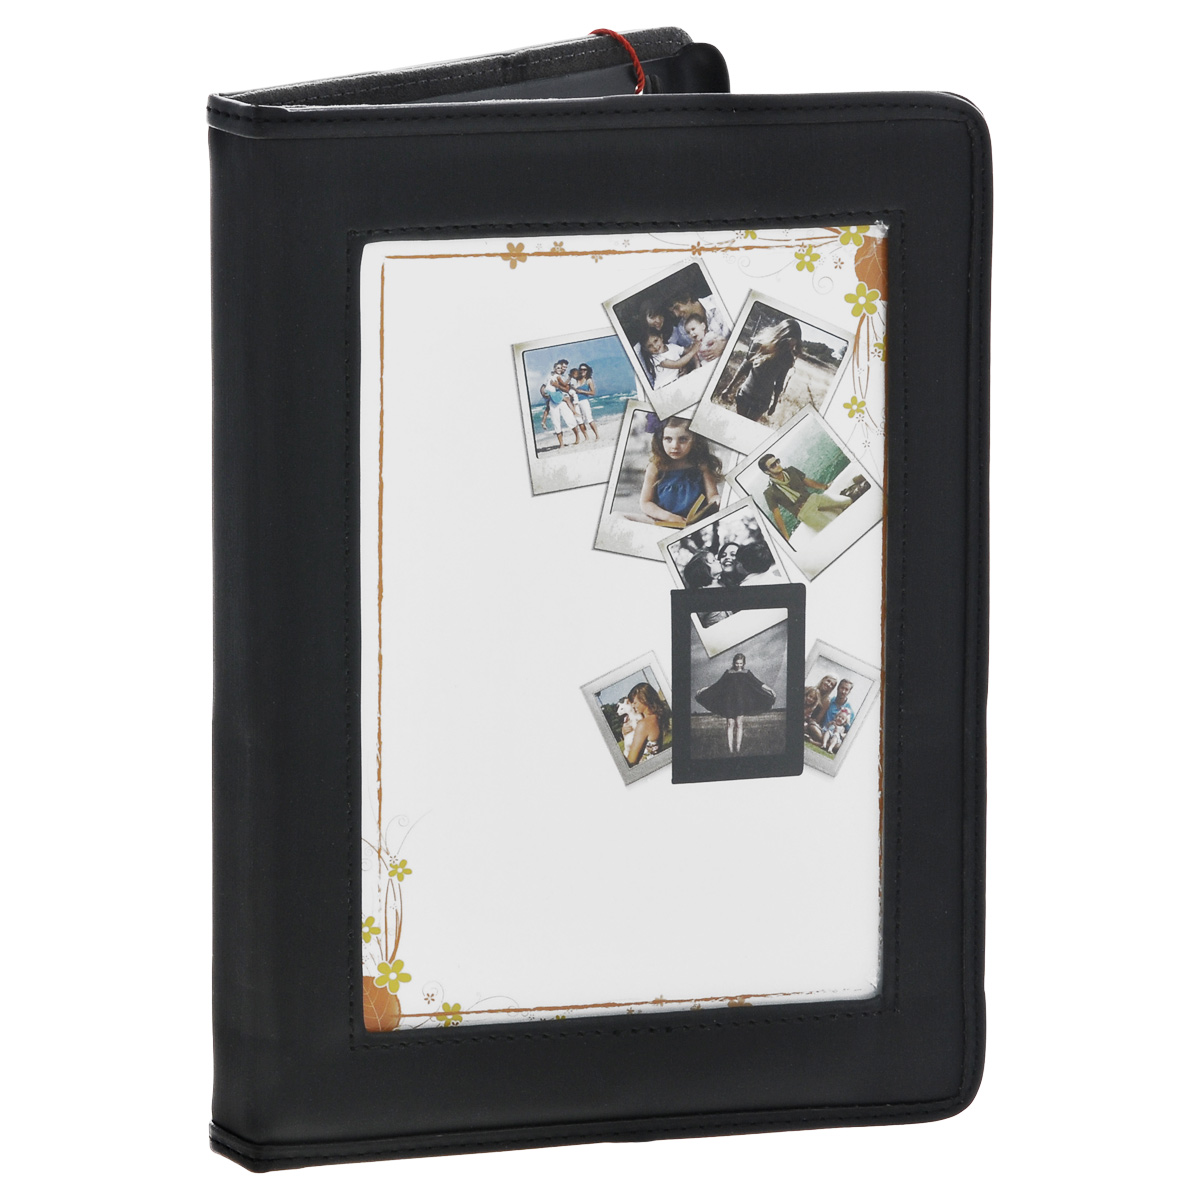 Promate Memo чехол для iPad mini, Black00007595Держите теплые воспоминания как можно ближе с помощью чехла Promate Memo для iPad mini. Любимое фото вставляется в флип-крышку чехла и постоянно радует глаз. Задняя стенка чехла может быть использована в качестве опоры, превращая его в подставку для горизонтального просмотра содержимого на экране. Шикарная кожаная отделка поверх жесткого каркаса с мягкой отделкой внутри обеспечит вашему iPad mini гарантированную защиту от повседневных рисков быть поцарапанным, разбитым и т.д. Чехол обеспечивает полный и комфортный доступ ко всем портам и кнопкам управления.Promate Memo - эмоции, которые всегда рядом!